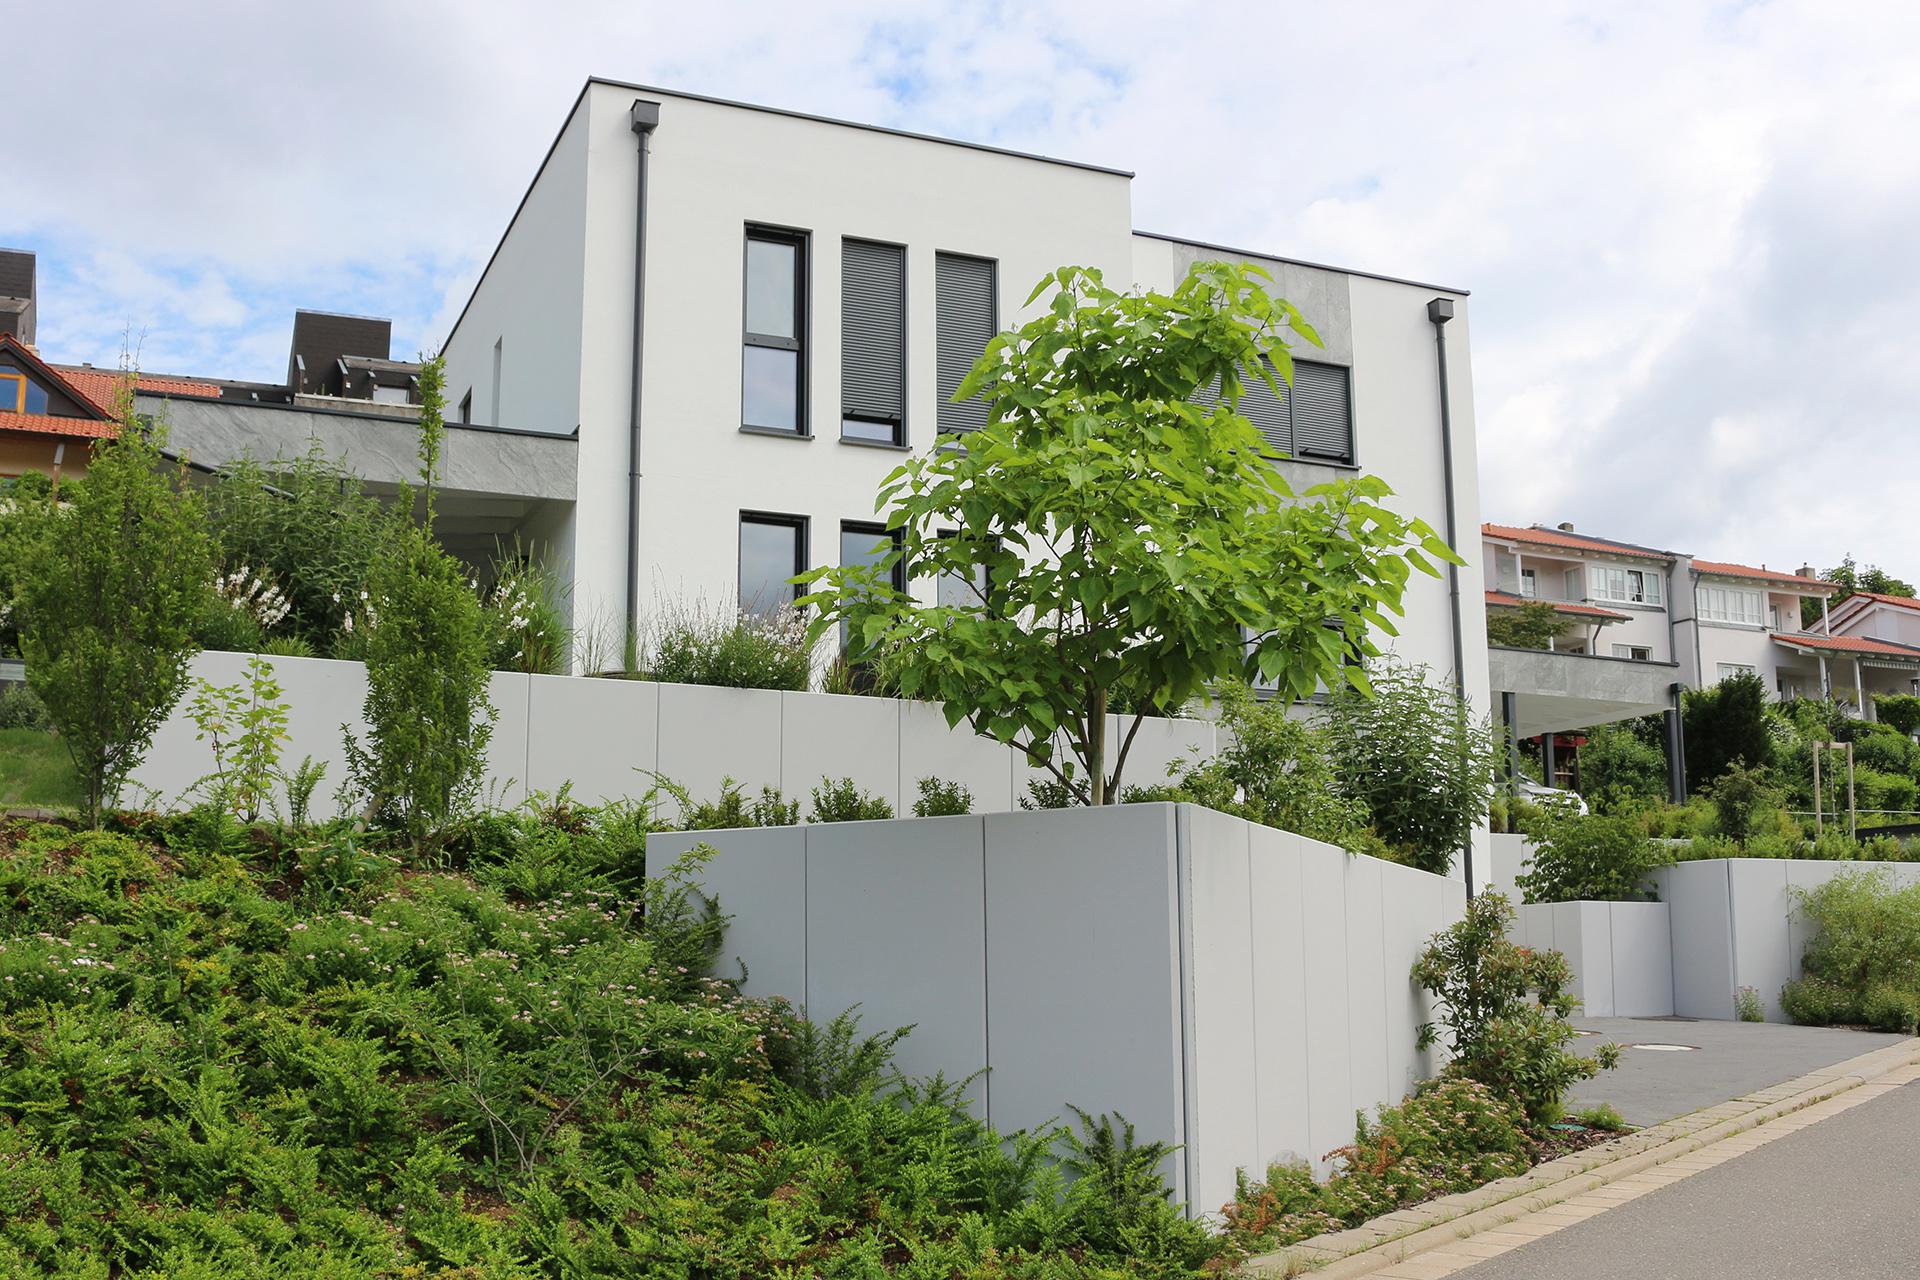 Gartenanlage in Coburg